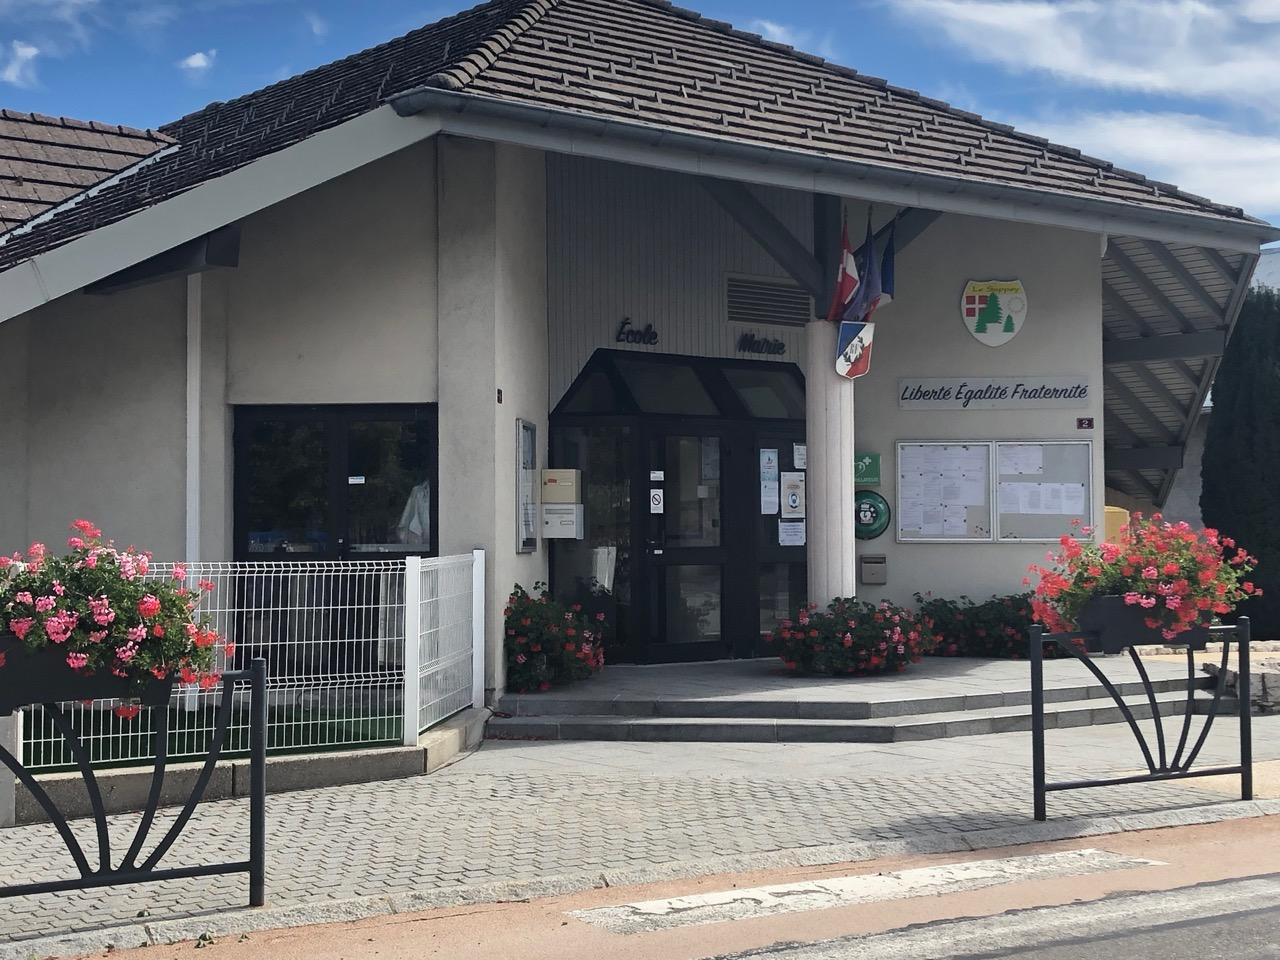 commune Le Sappey fleurs Bouchet Freres